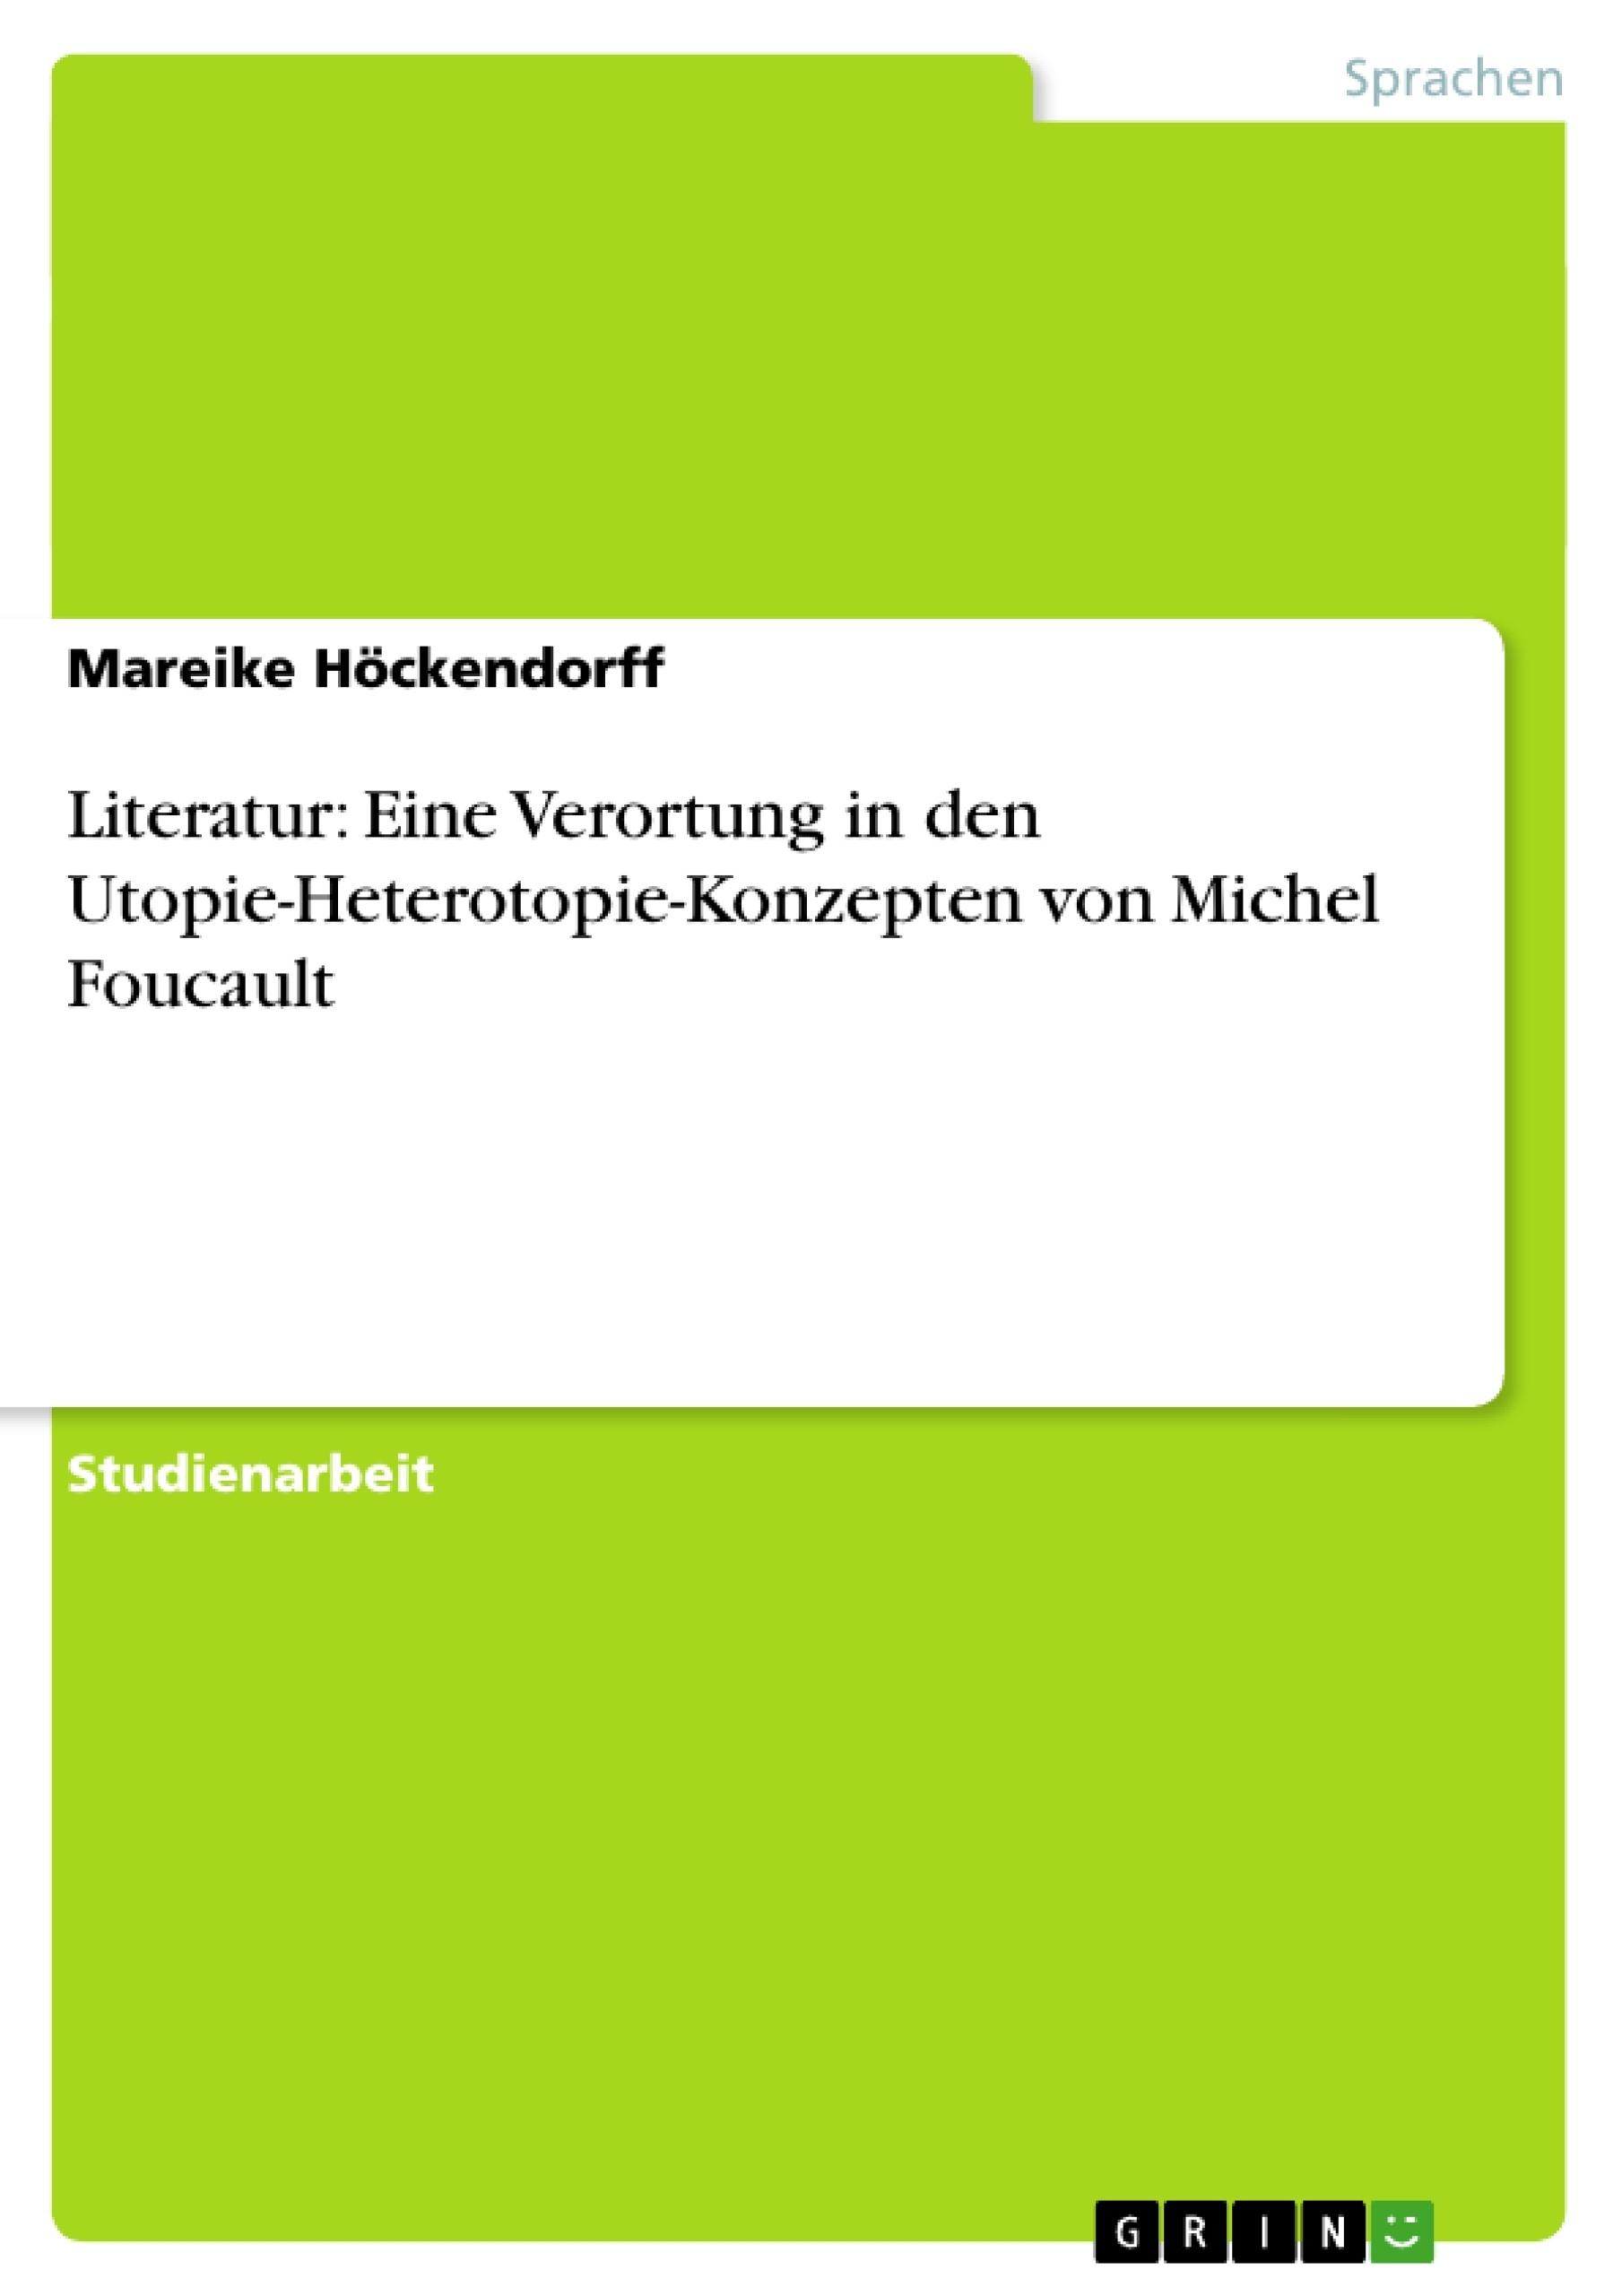 Titel: Literatur: Eine Verortung in den Utopie-Heterotopie-Konzepten von Michel Foucault